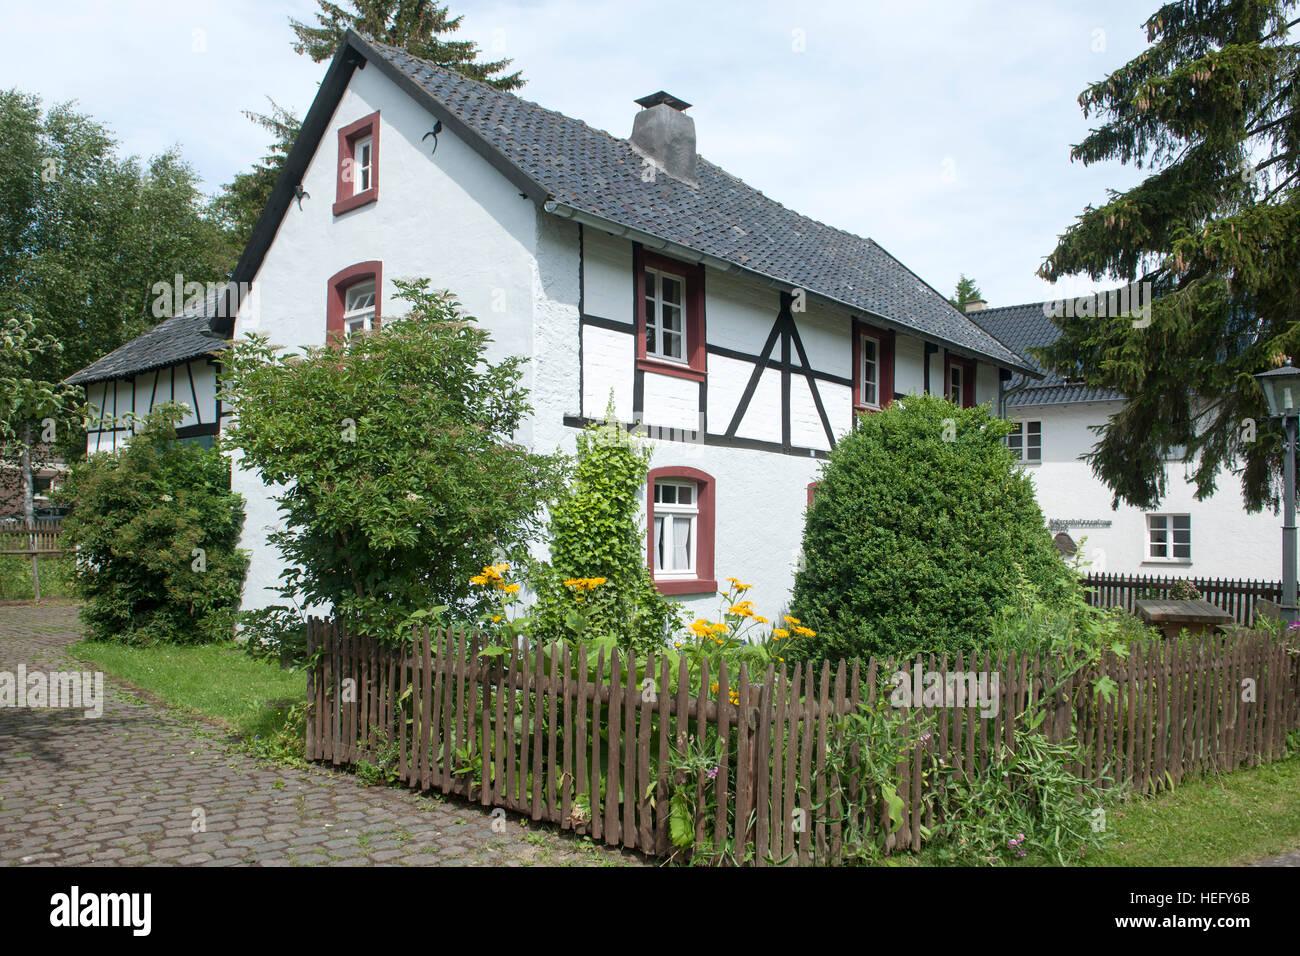 Haus Kaufen In Kreis Wohnung Kaufen Pelzerhaken Slovak Language